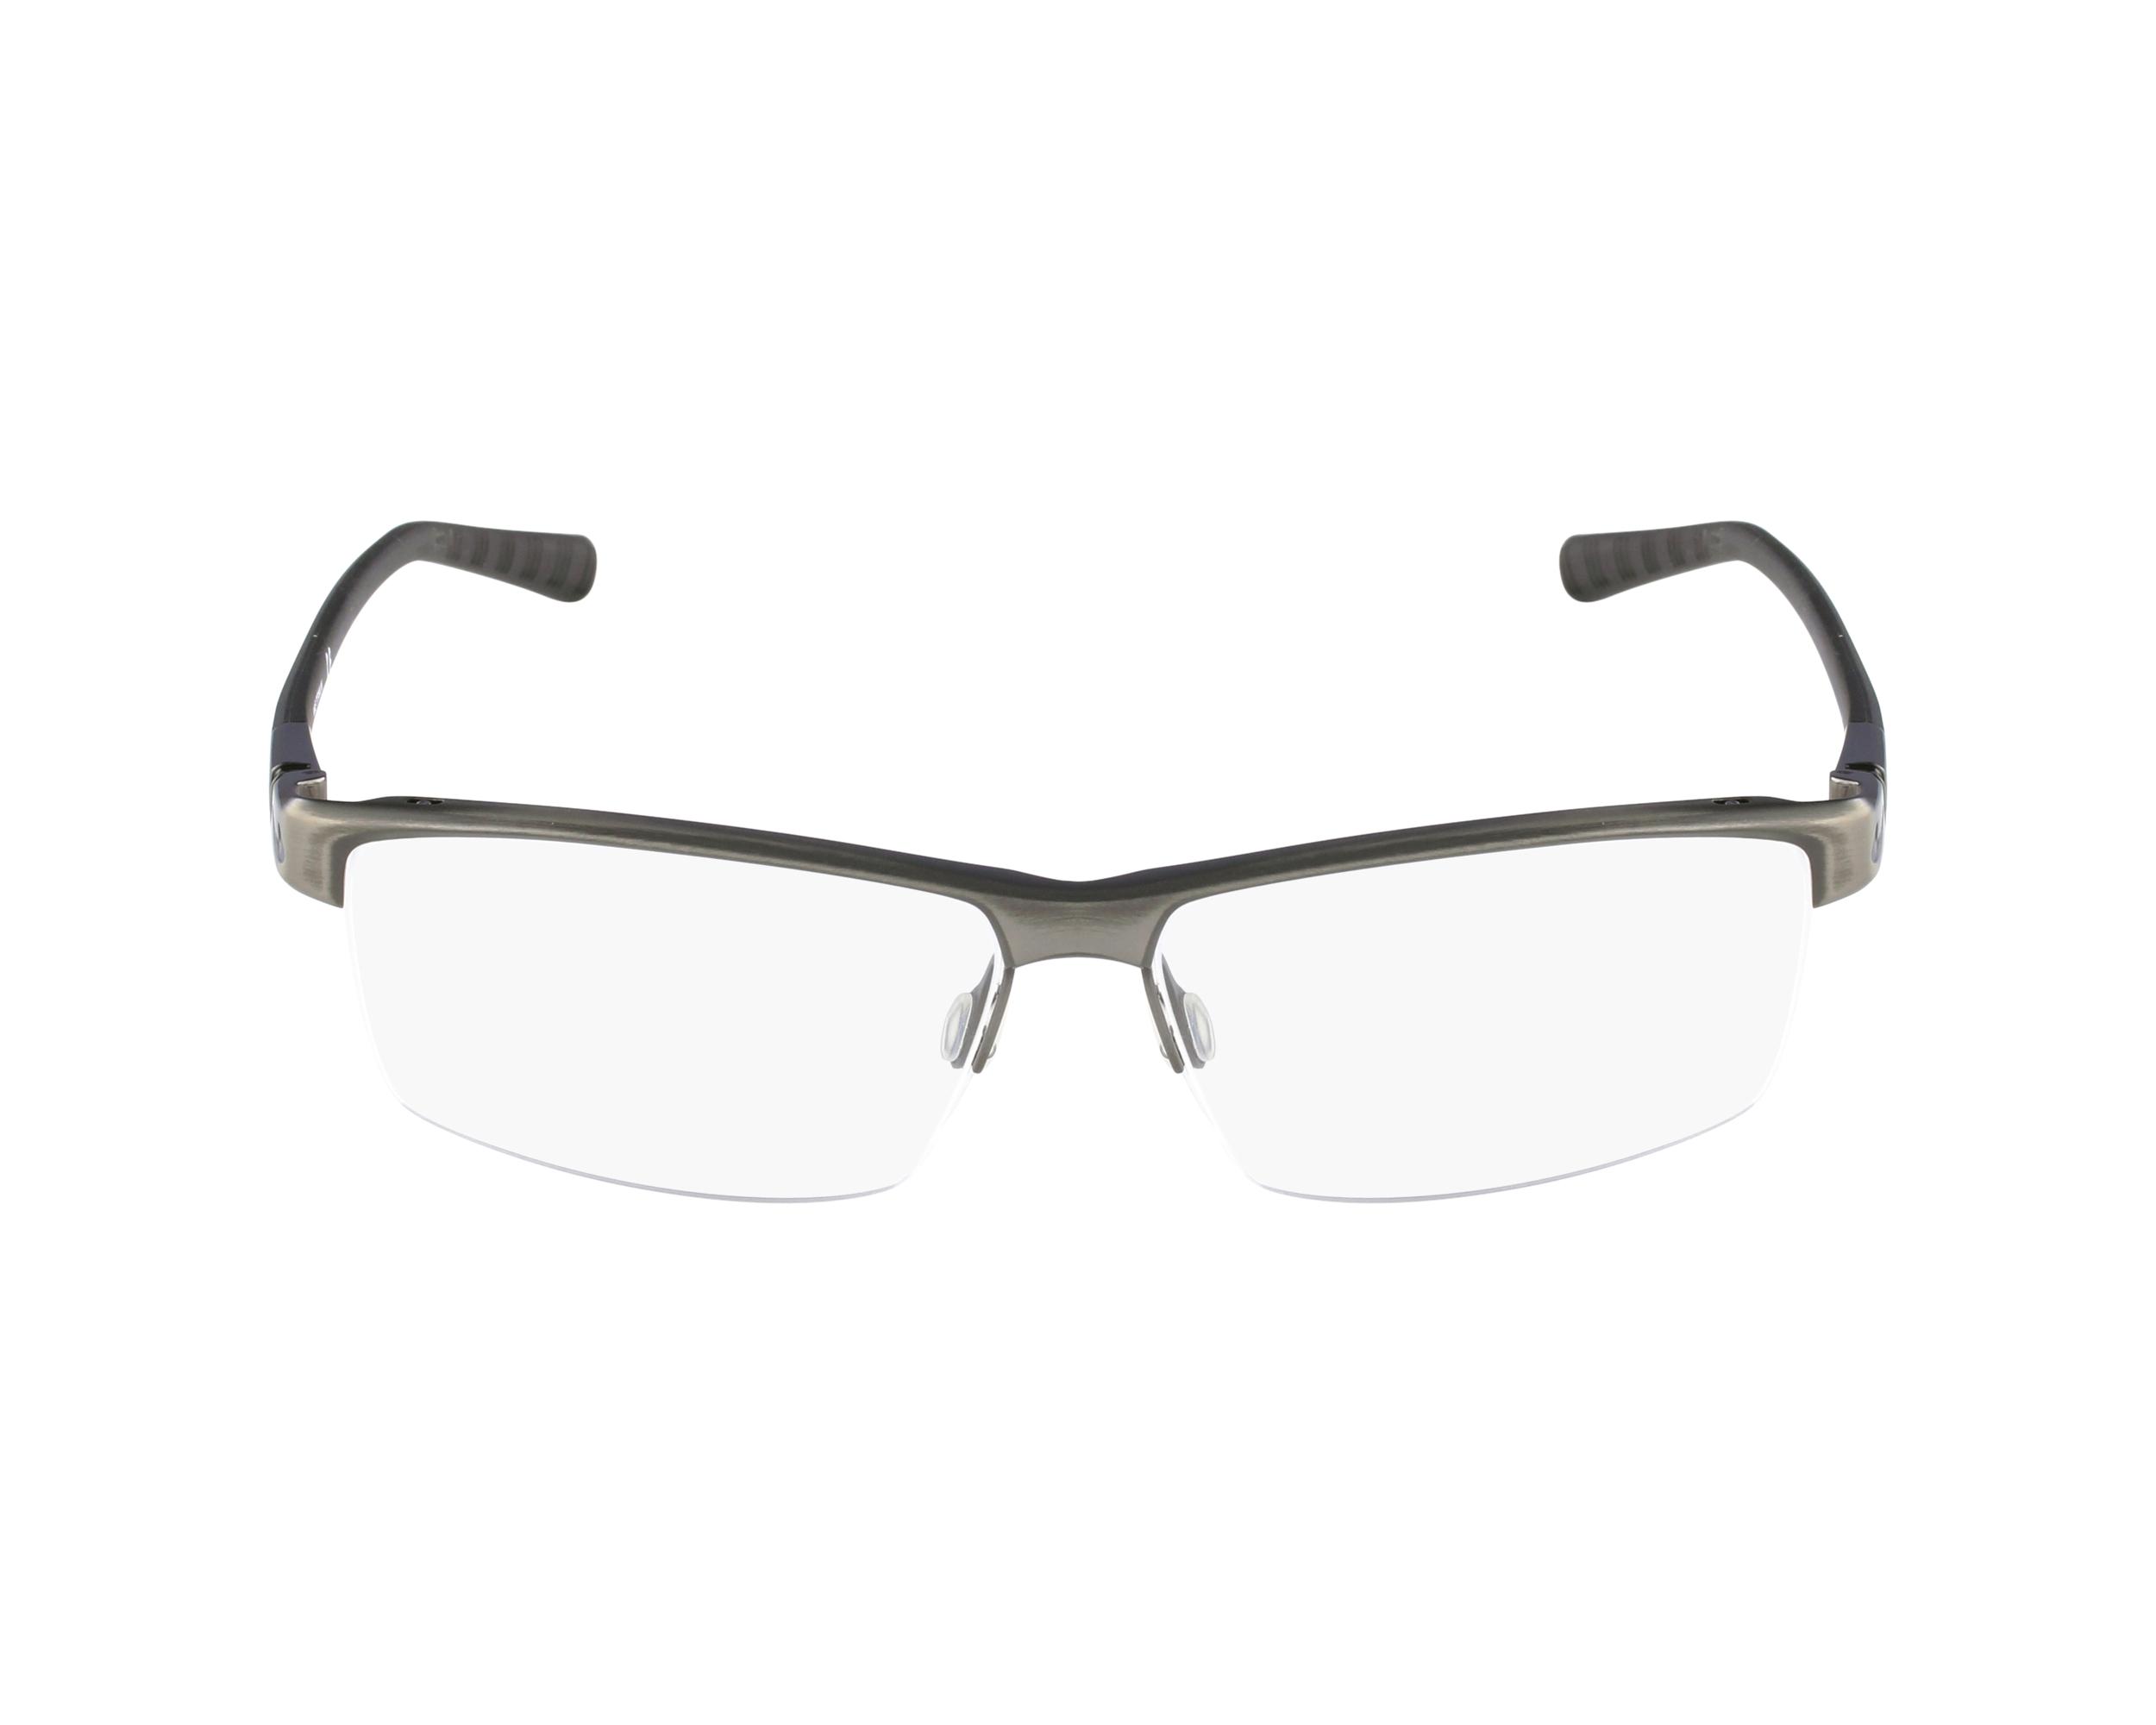 nike eyeglasses 6050 068 grey visionet. Black Bedroom Furniture Sets. Home Design Ideas